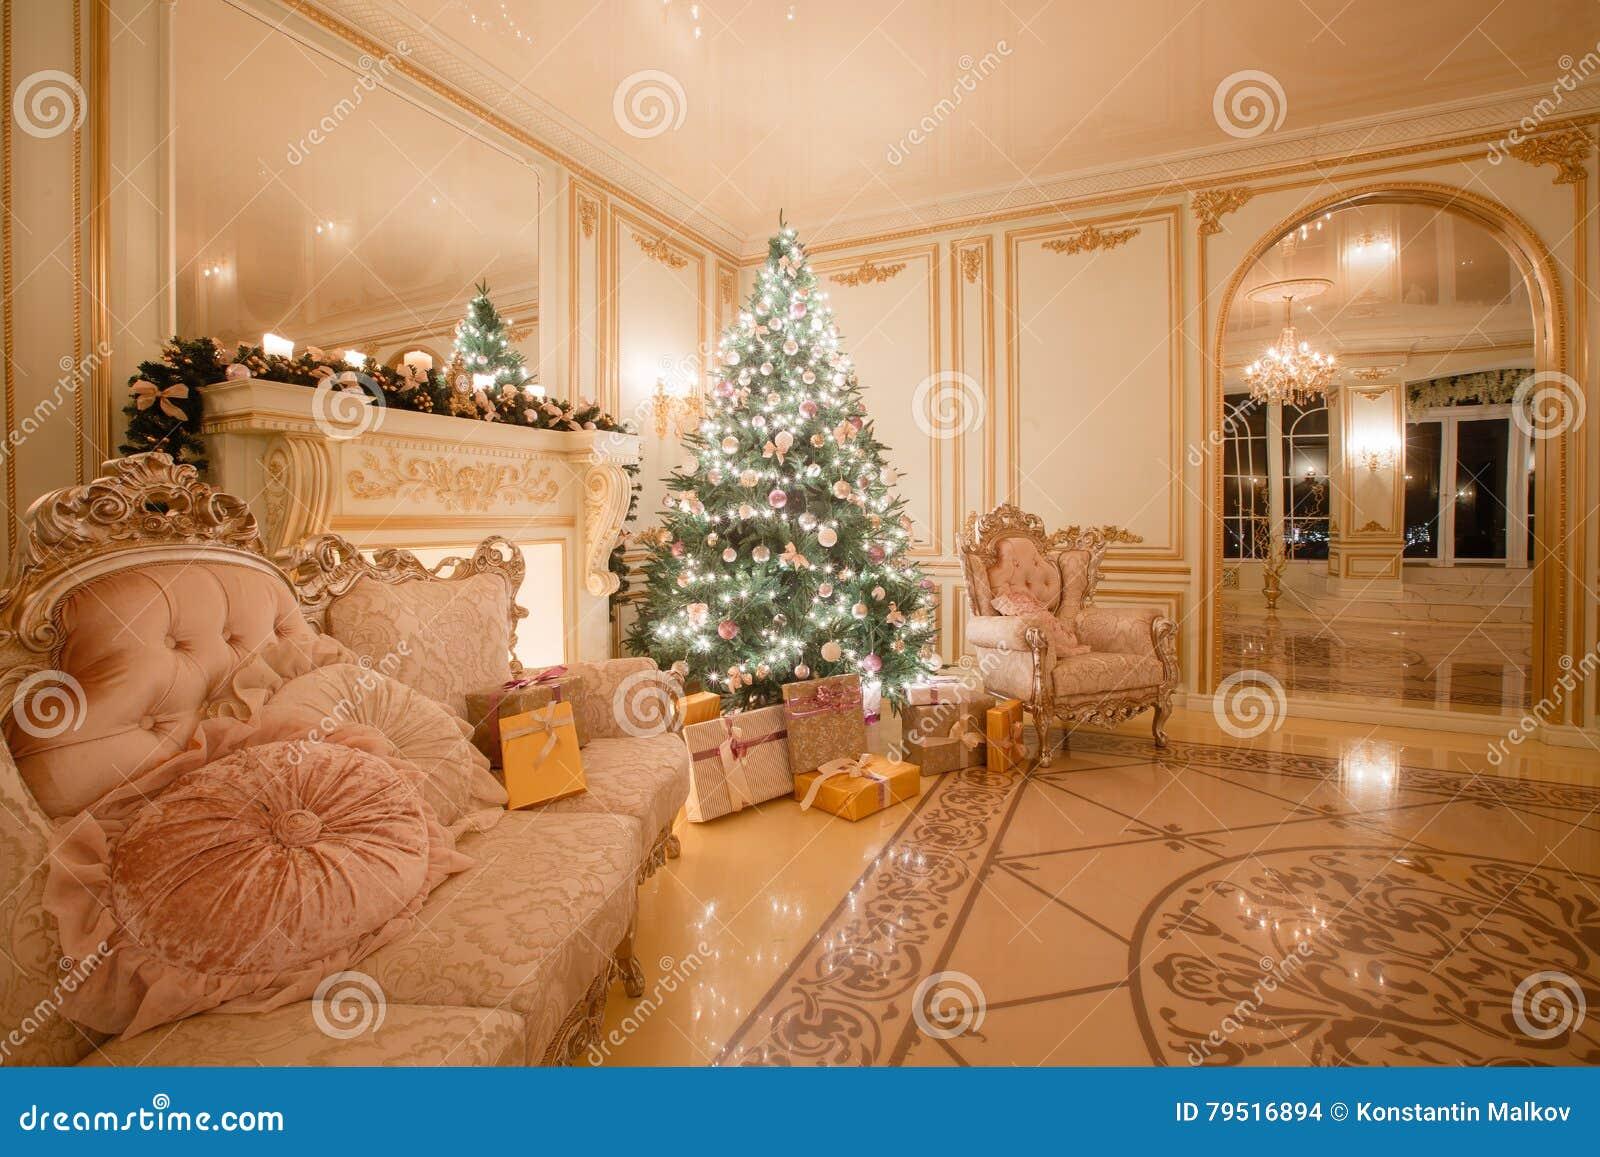 Natale che anche dal lume di candela appartamenti classici con un camino bianco albero decorato - Finestre di natale ...